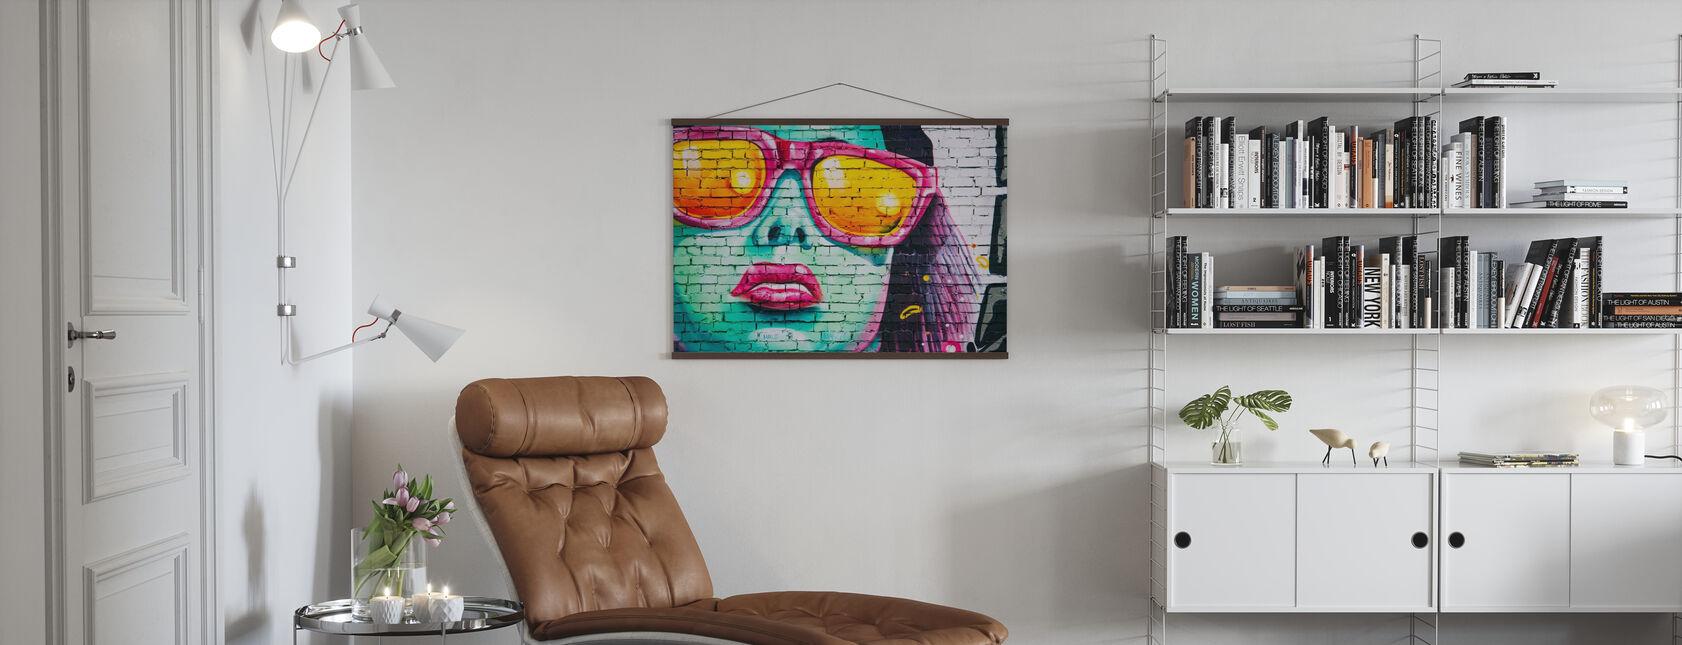 Mural Av Kvinnens Ansikt - Plakat - Stue